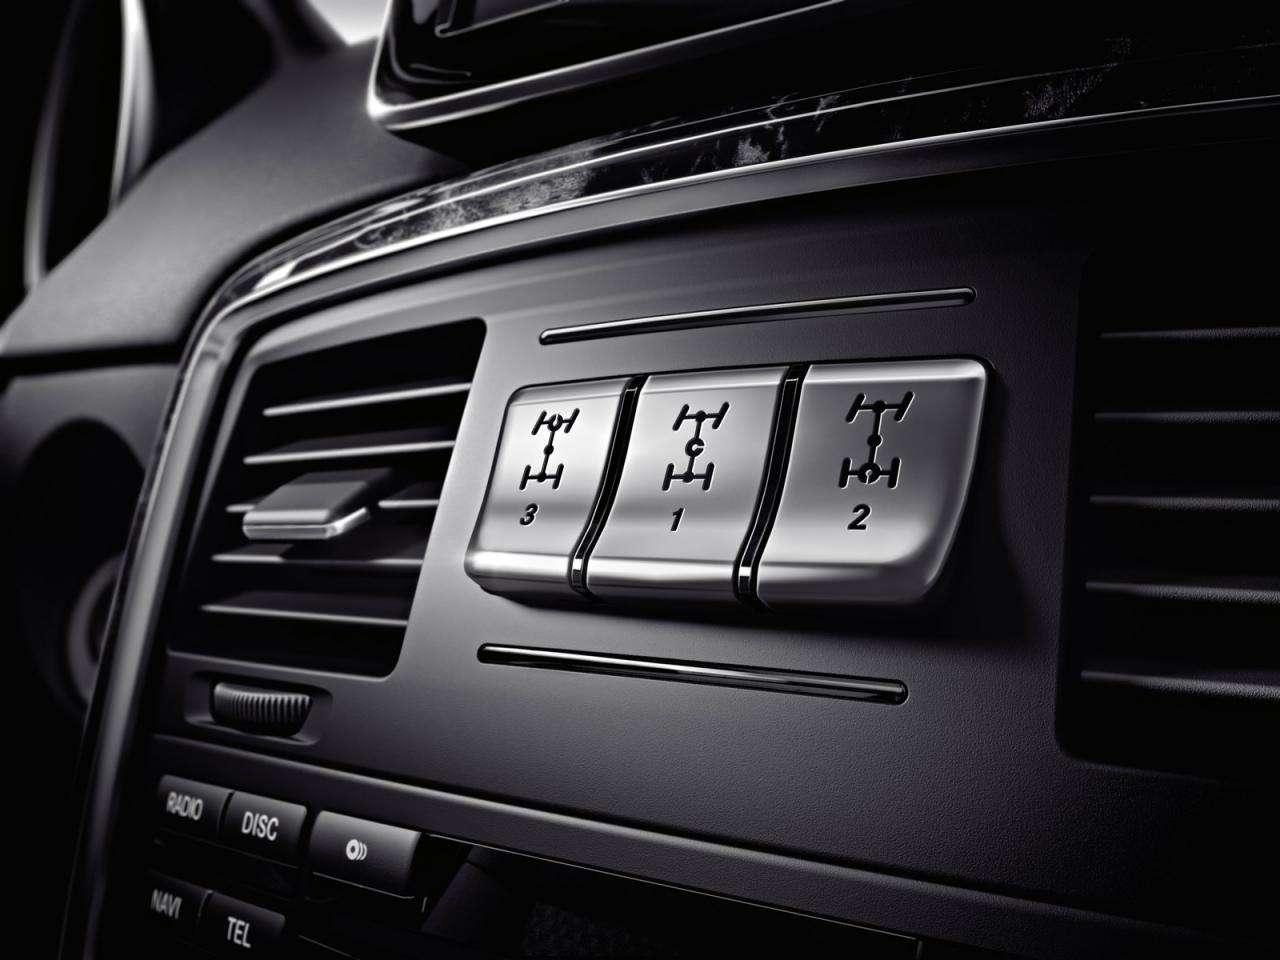 2013 Mercedes klasy G i G63 AMG oficjalnie